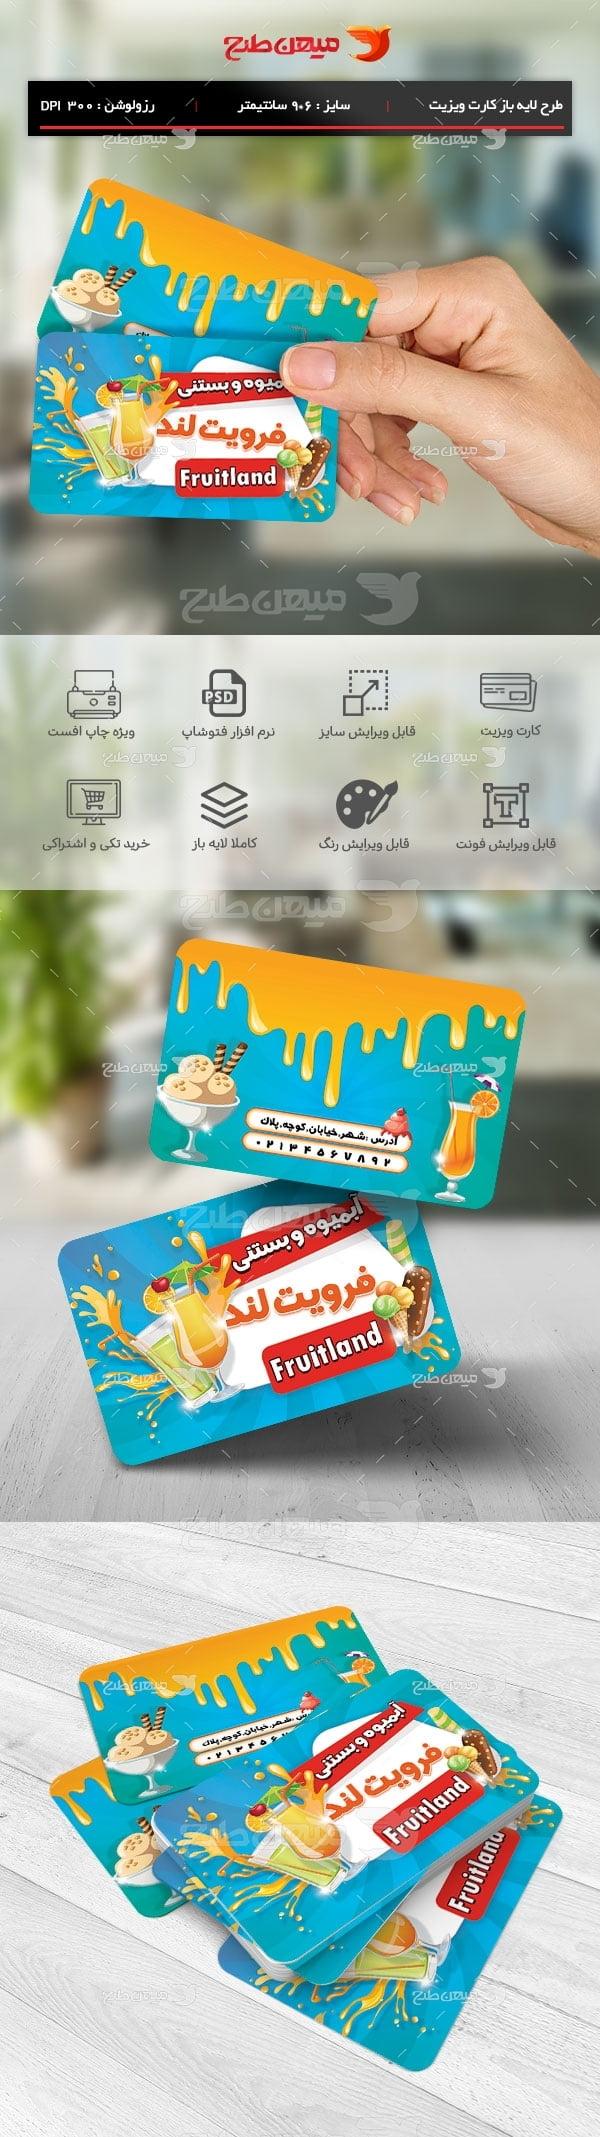 طرح لایه باز کارت ویزیت آبمیوه و بستنی فروشی